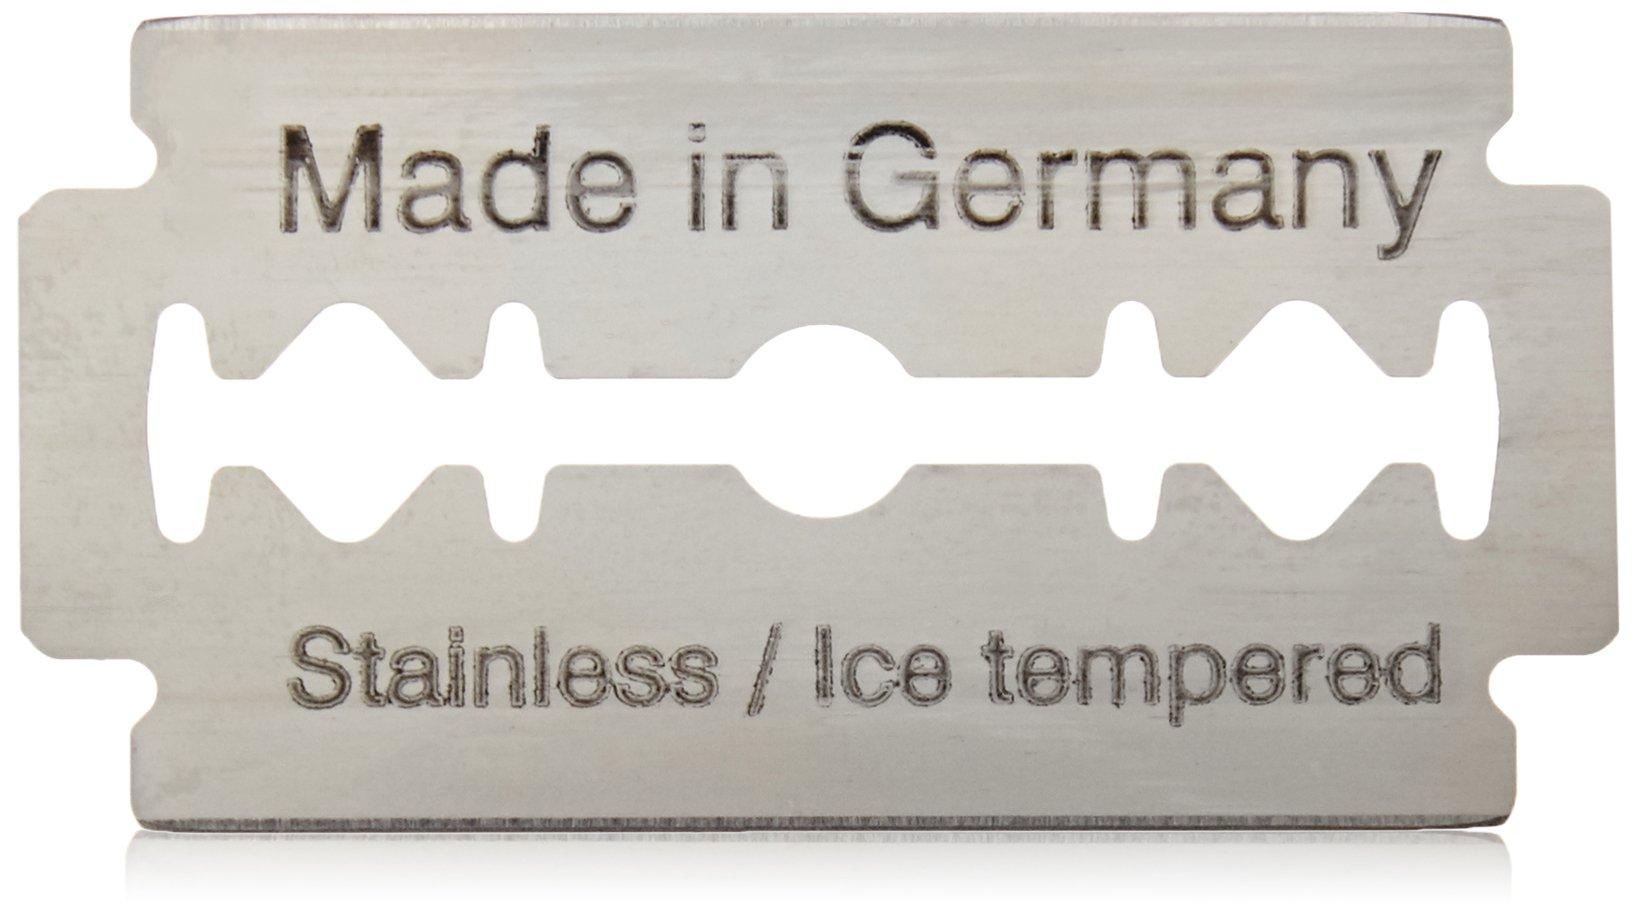 Van Der Hagen Stainless Steel Double Edge Razor Blades 10 Blades